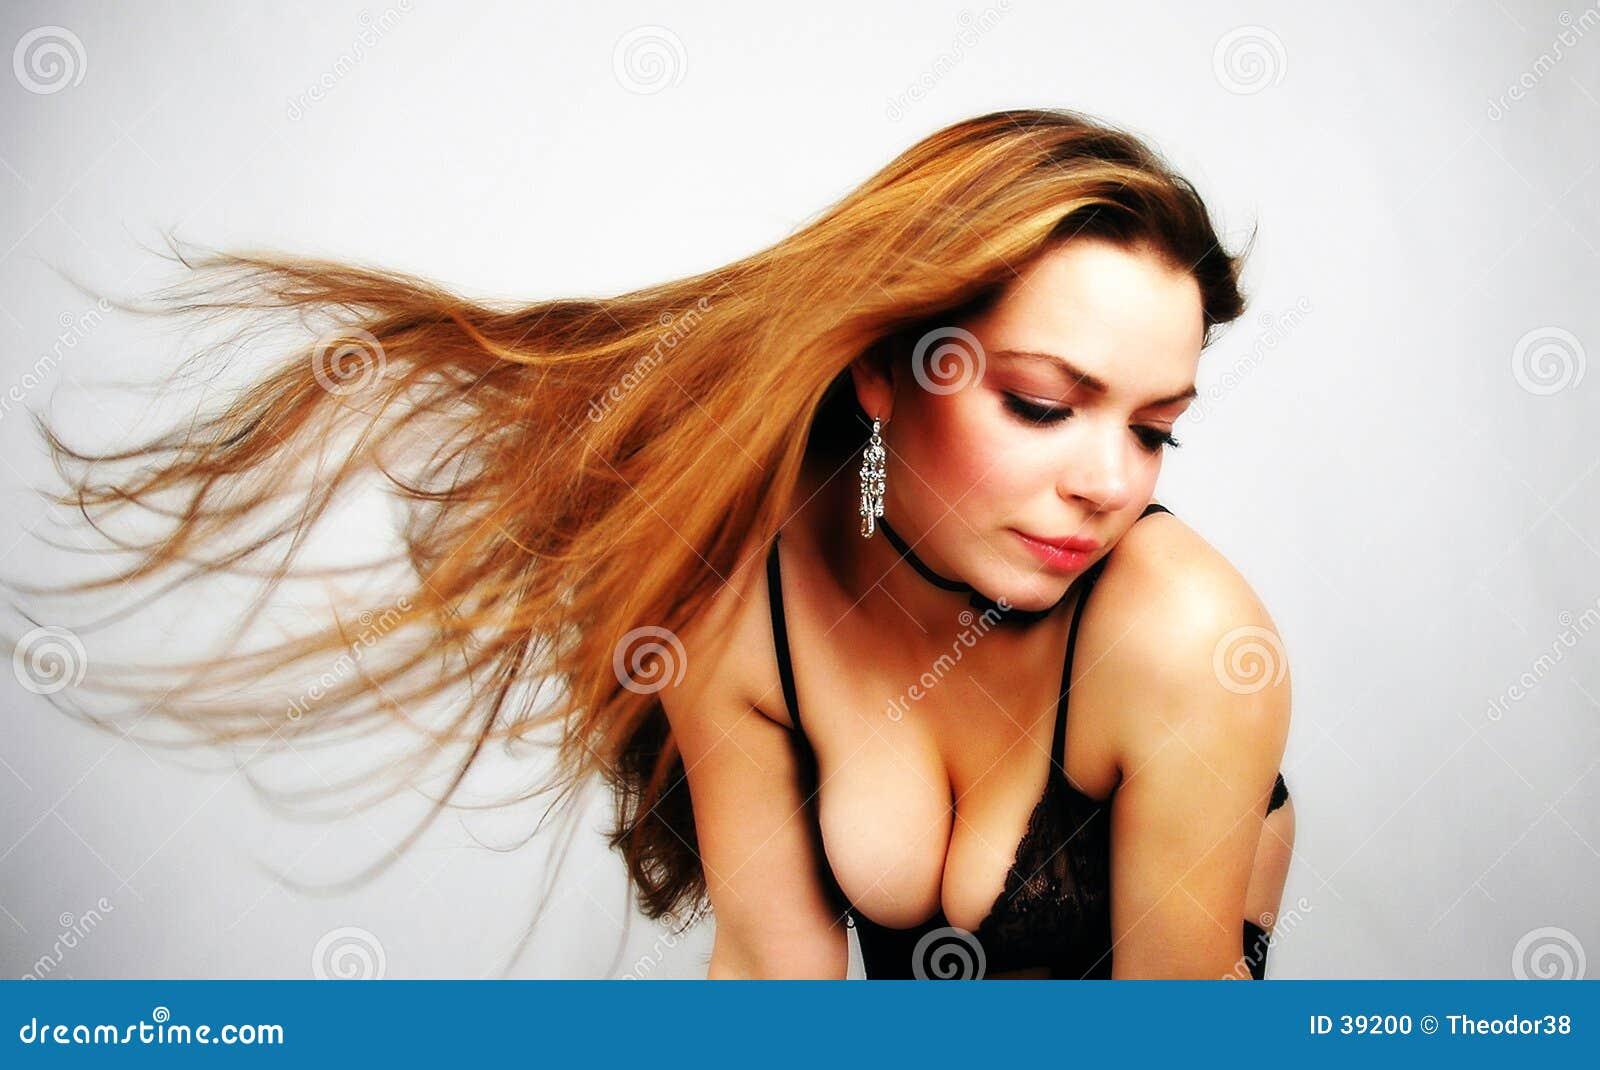 Hairdance-4